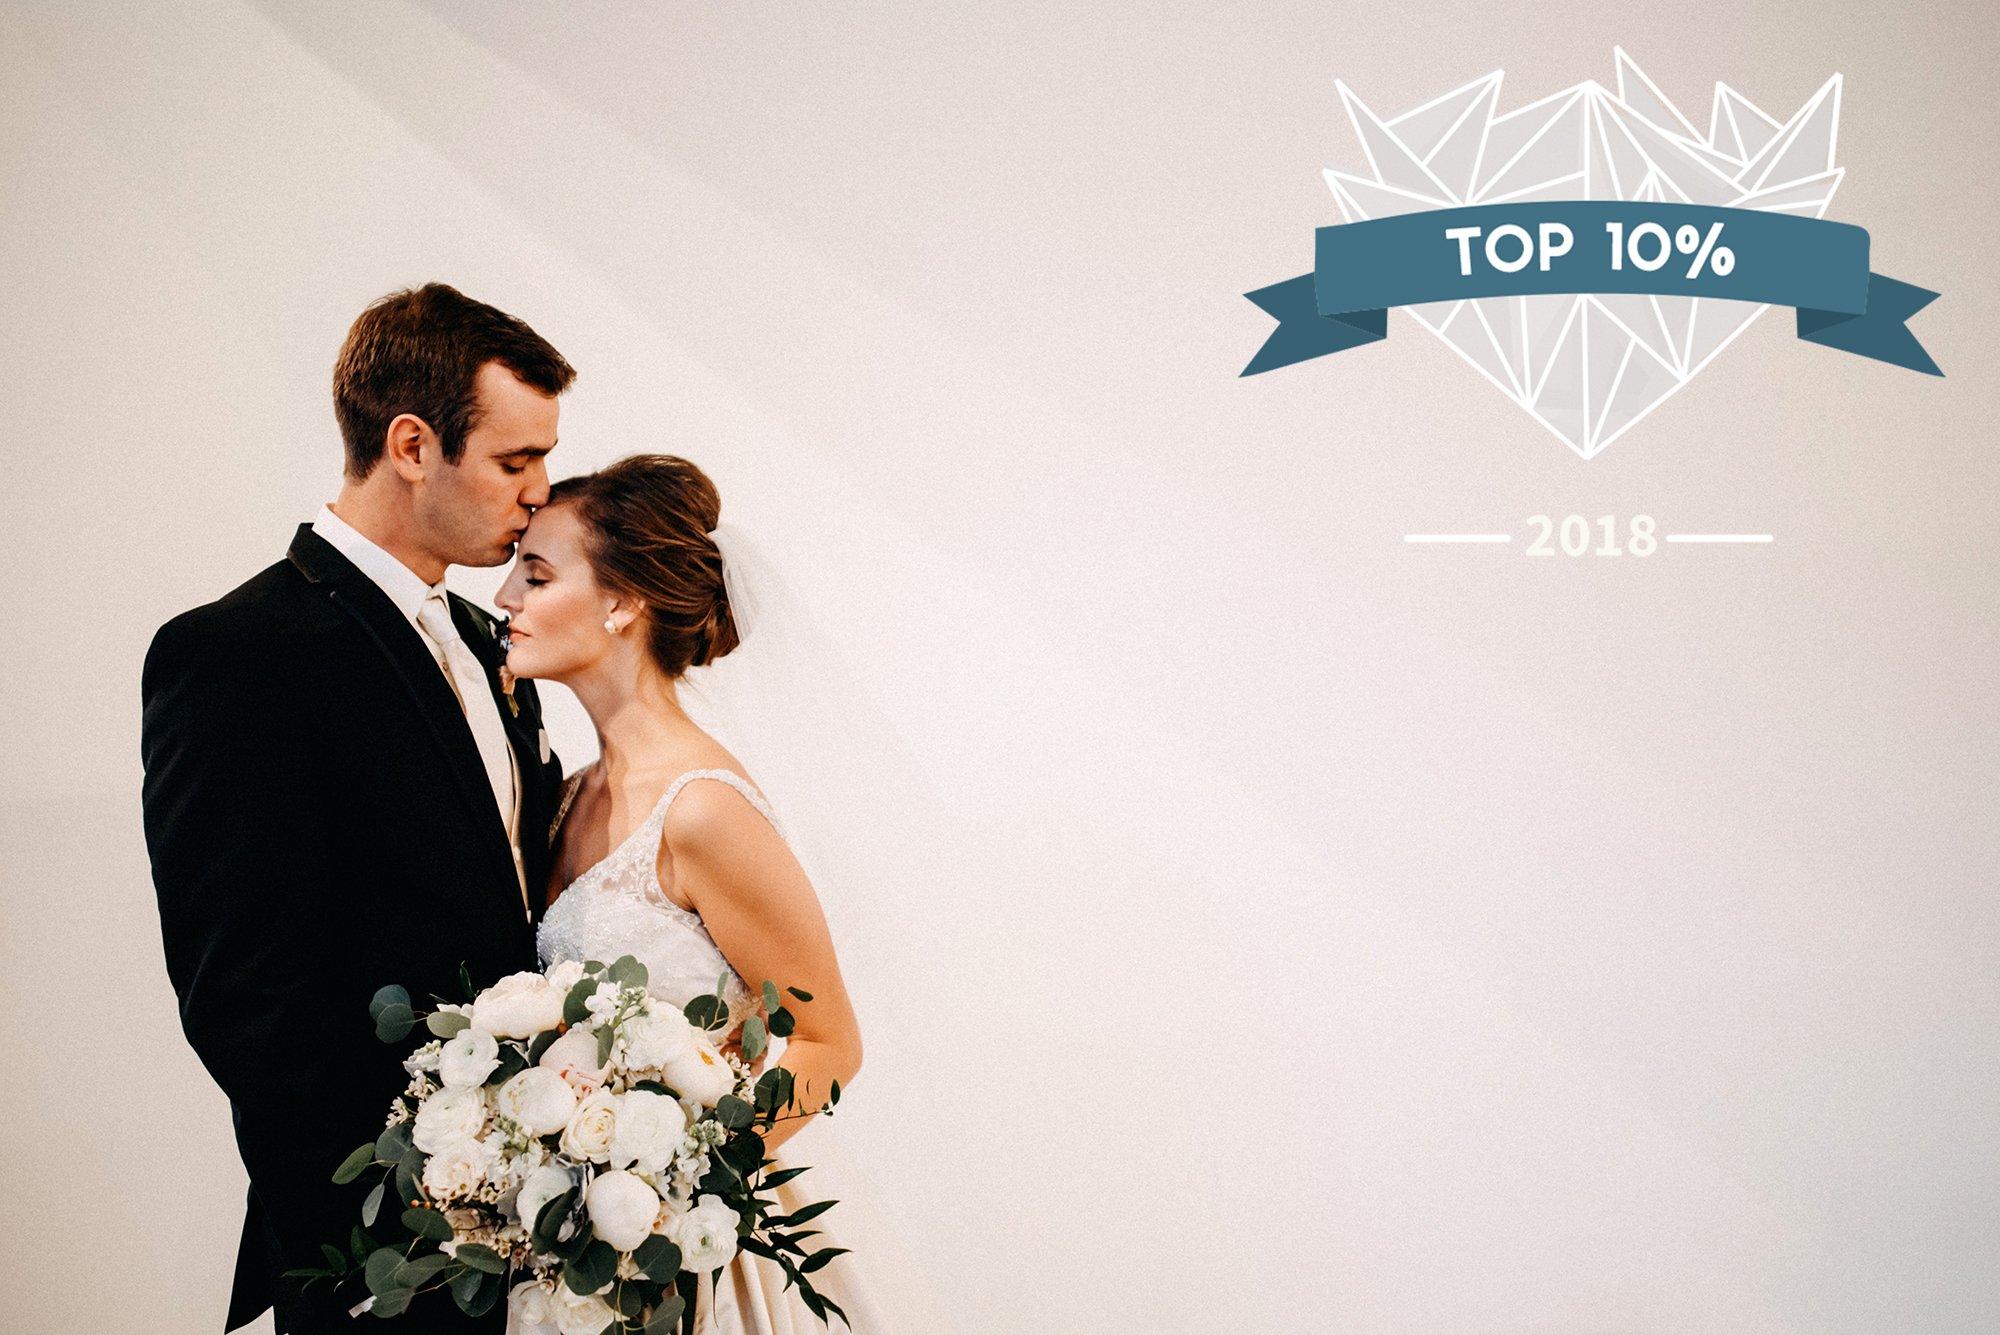 ElizabethLloyd Photo Shoot&share Wedding.jpg